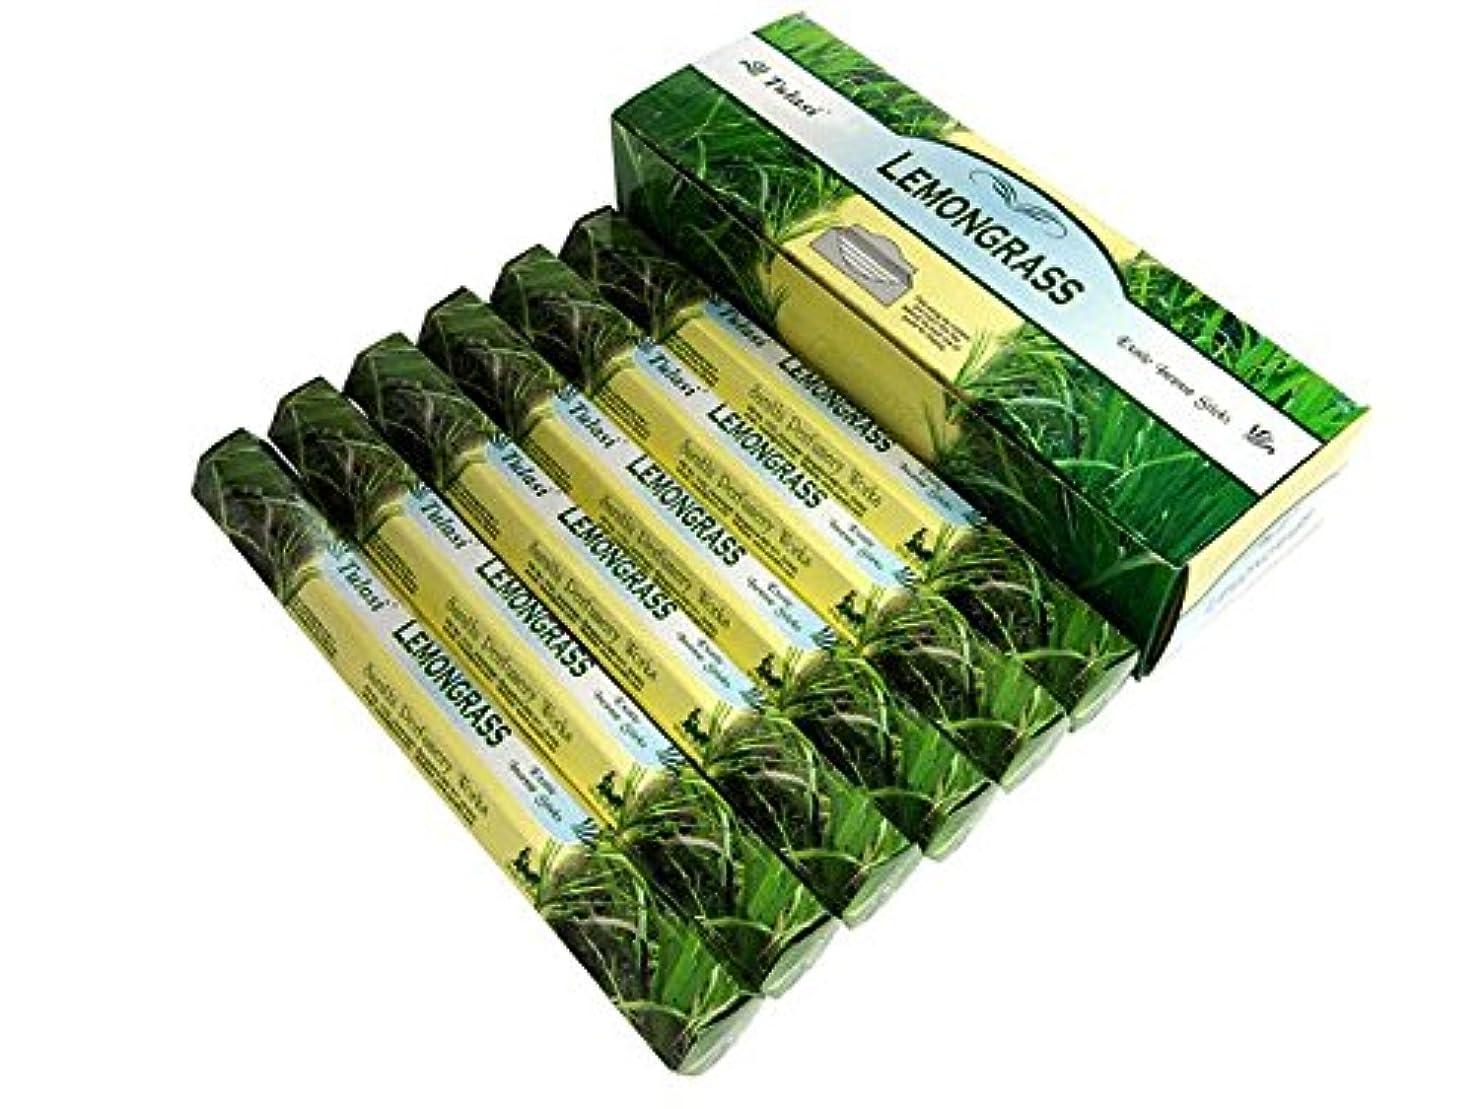 に話すその日付TULASI(トゥラシ) レモングラス香 スティック LEMONGRASS 6箱セット